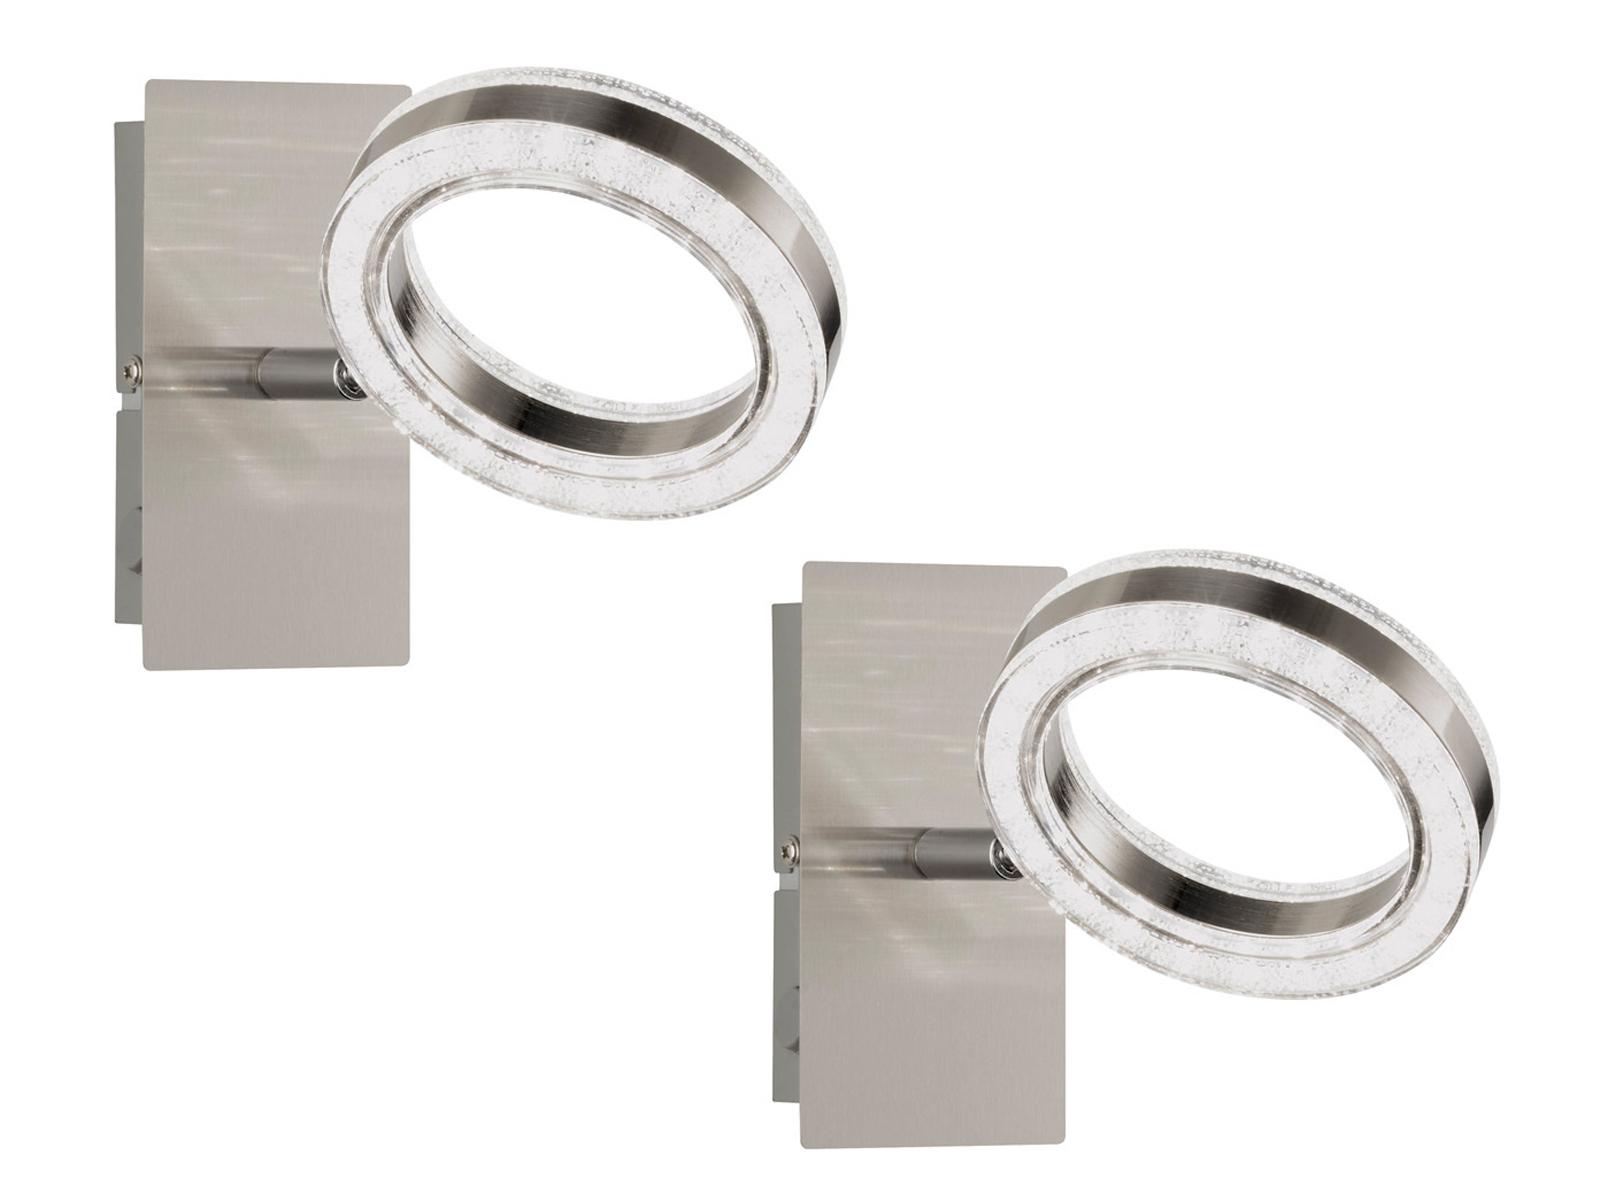 2er Set LED Wandleuchte Spot drehbar Nickel matt, Wandstrahler Wohnzimmerlampe